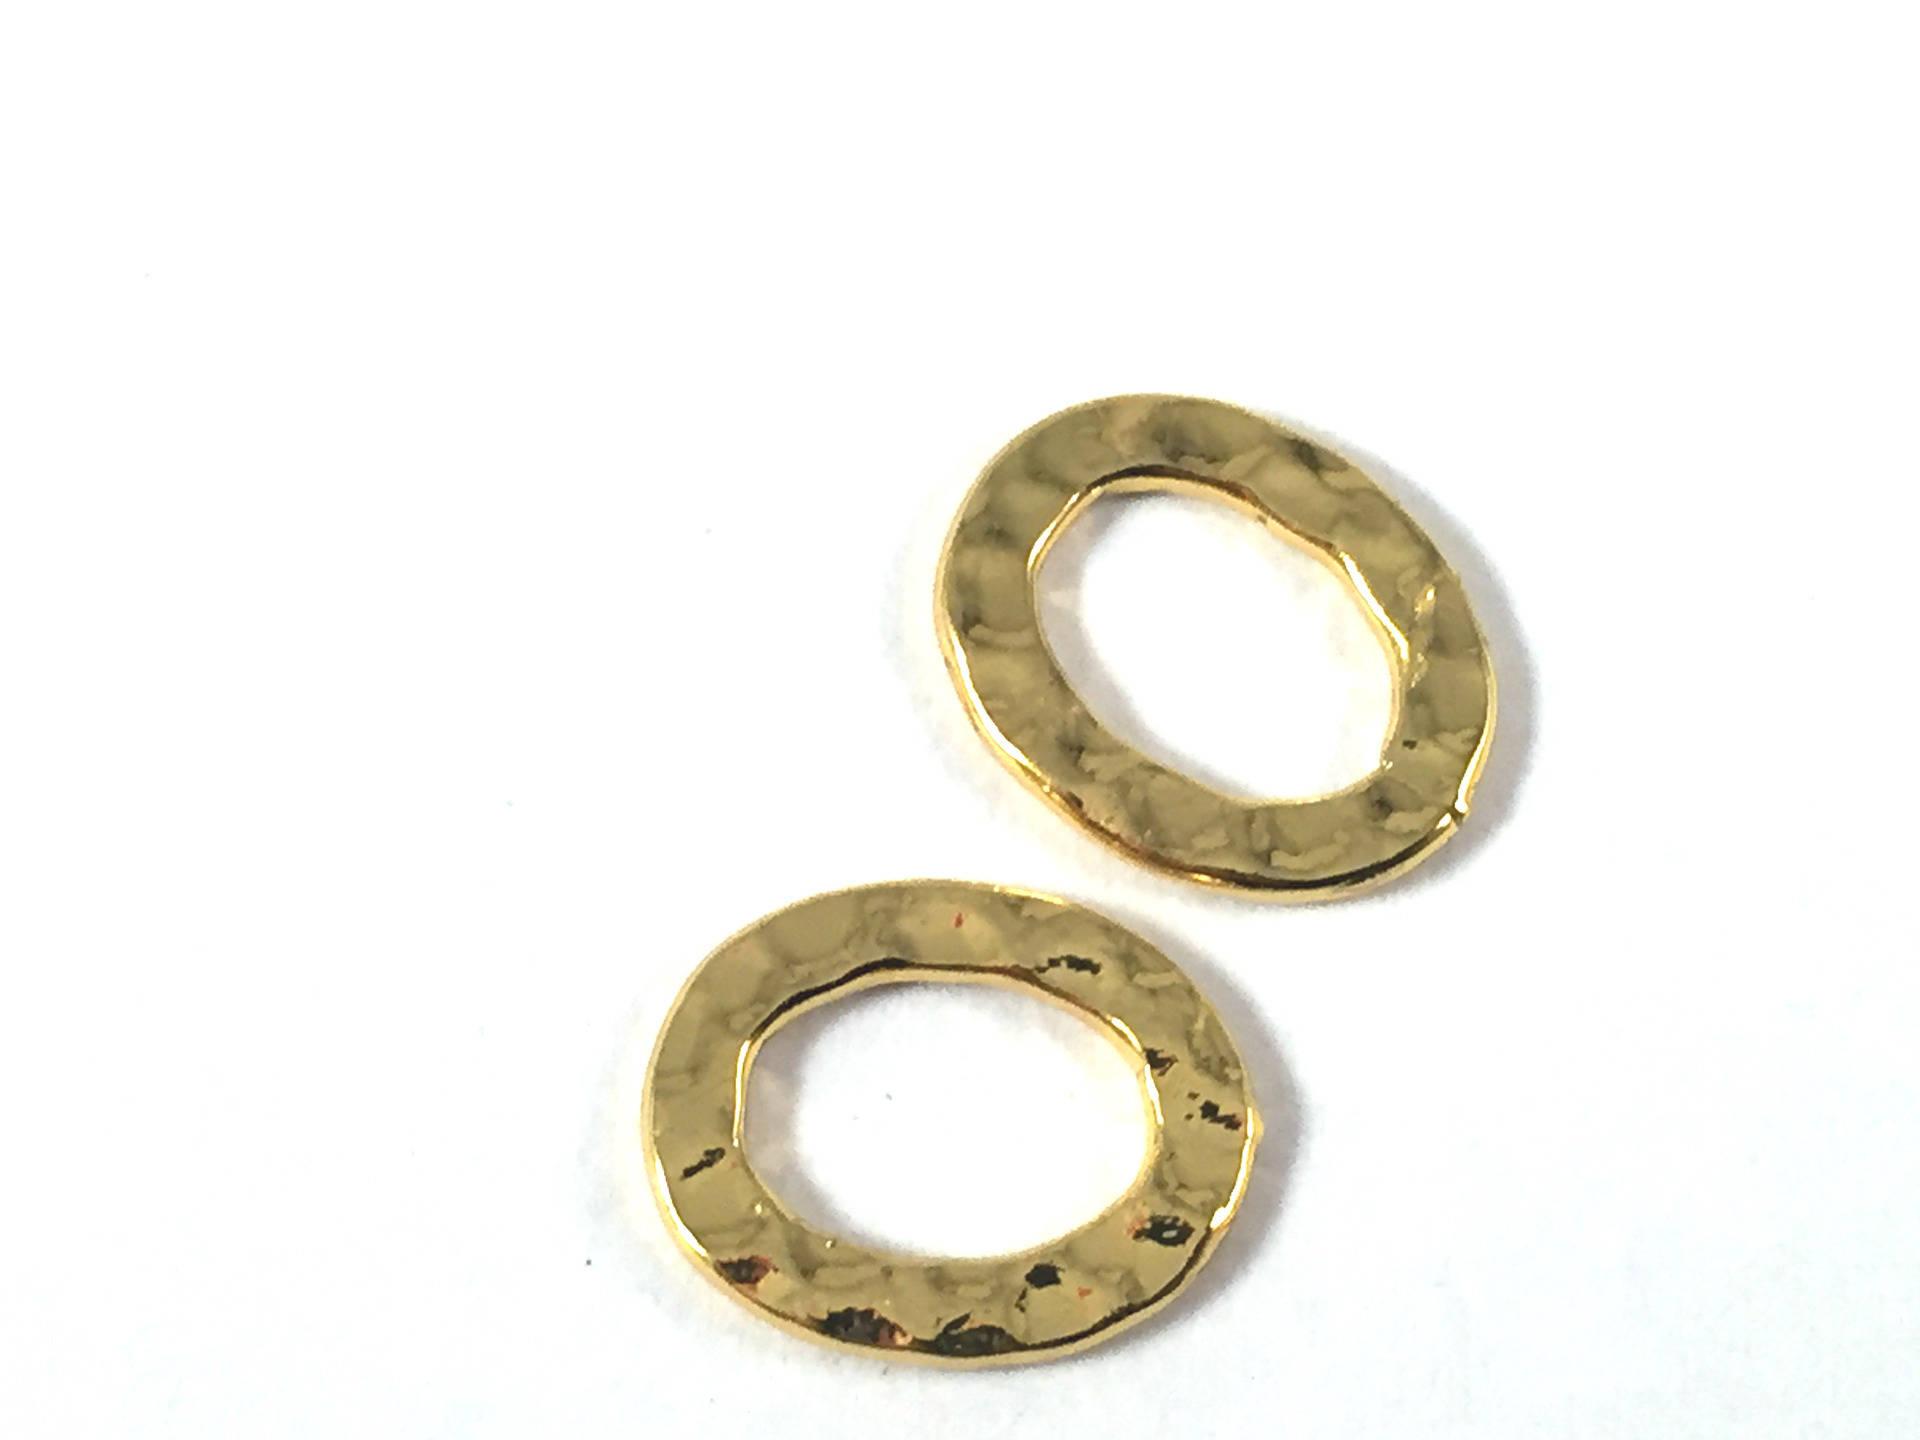 connecteur anneau ovale plat fermé martelé 12X10mm acier plaqué or, la pièce